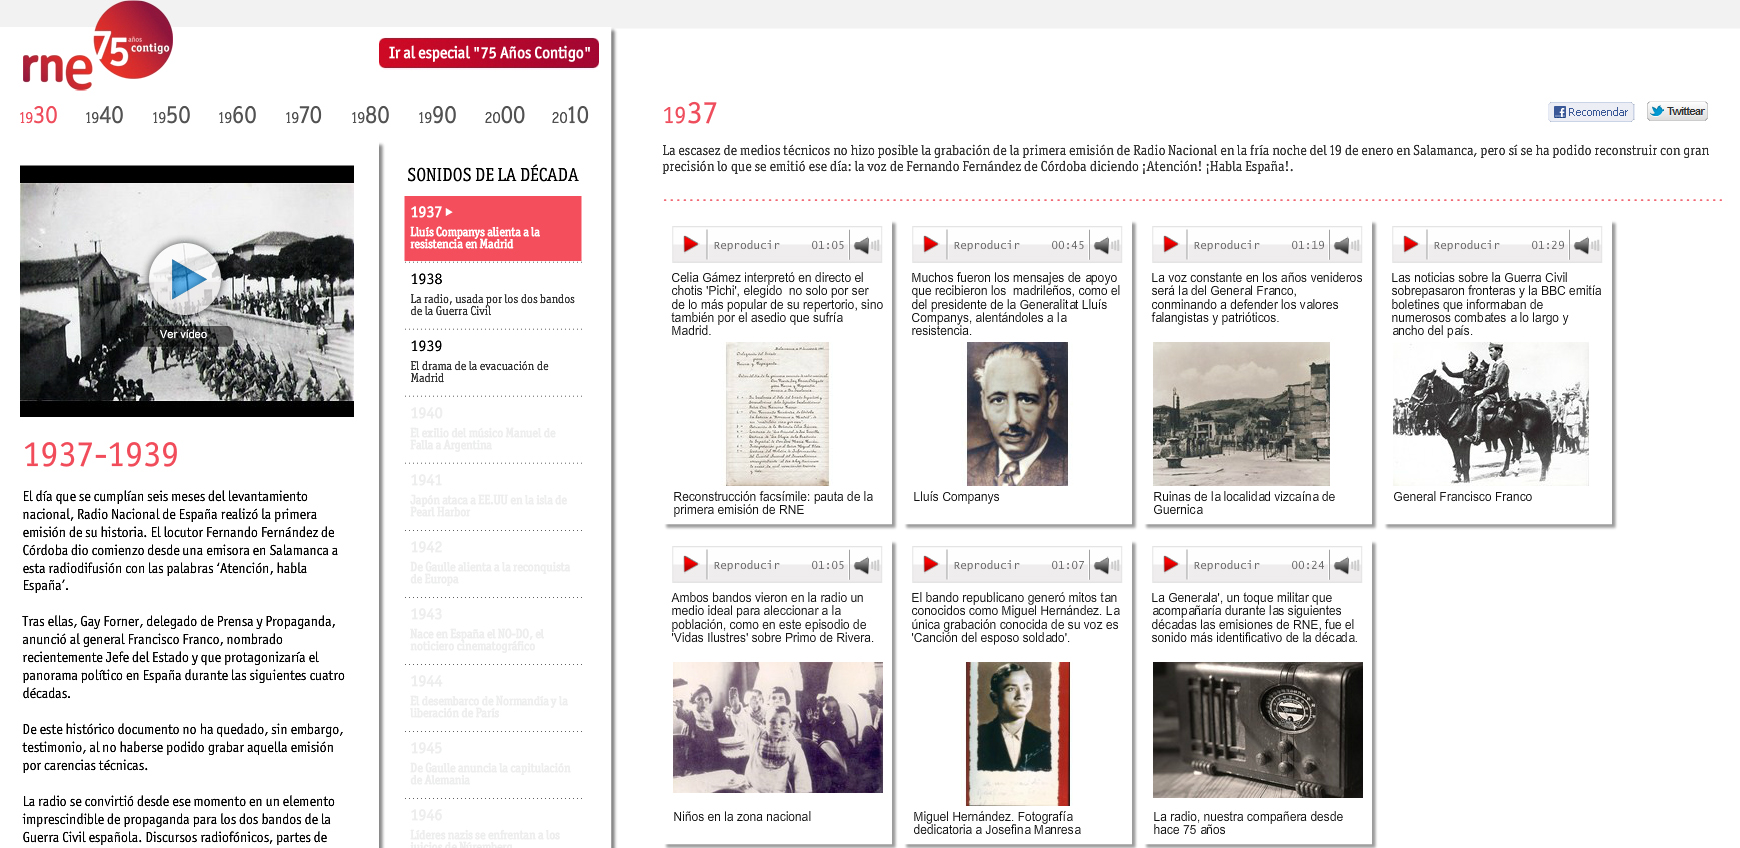 Figura 2: Captura de pantalla del interior del especial del 75º aniversario de RNE / Fuente: rtve.es